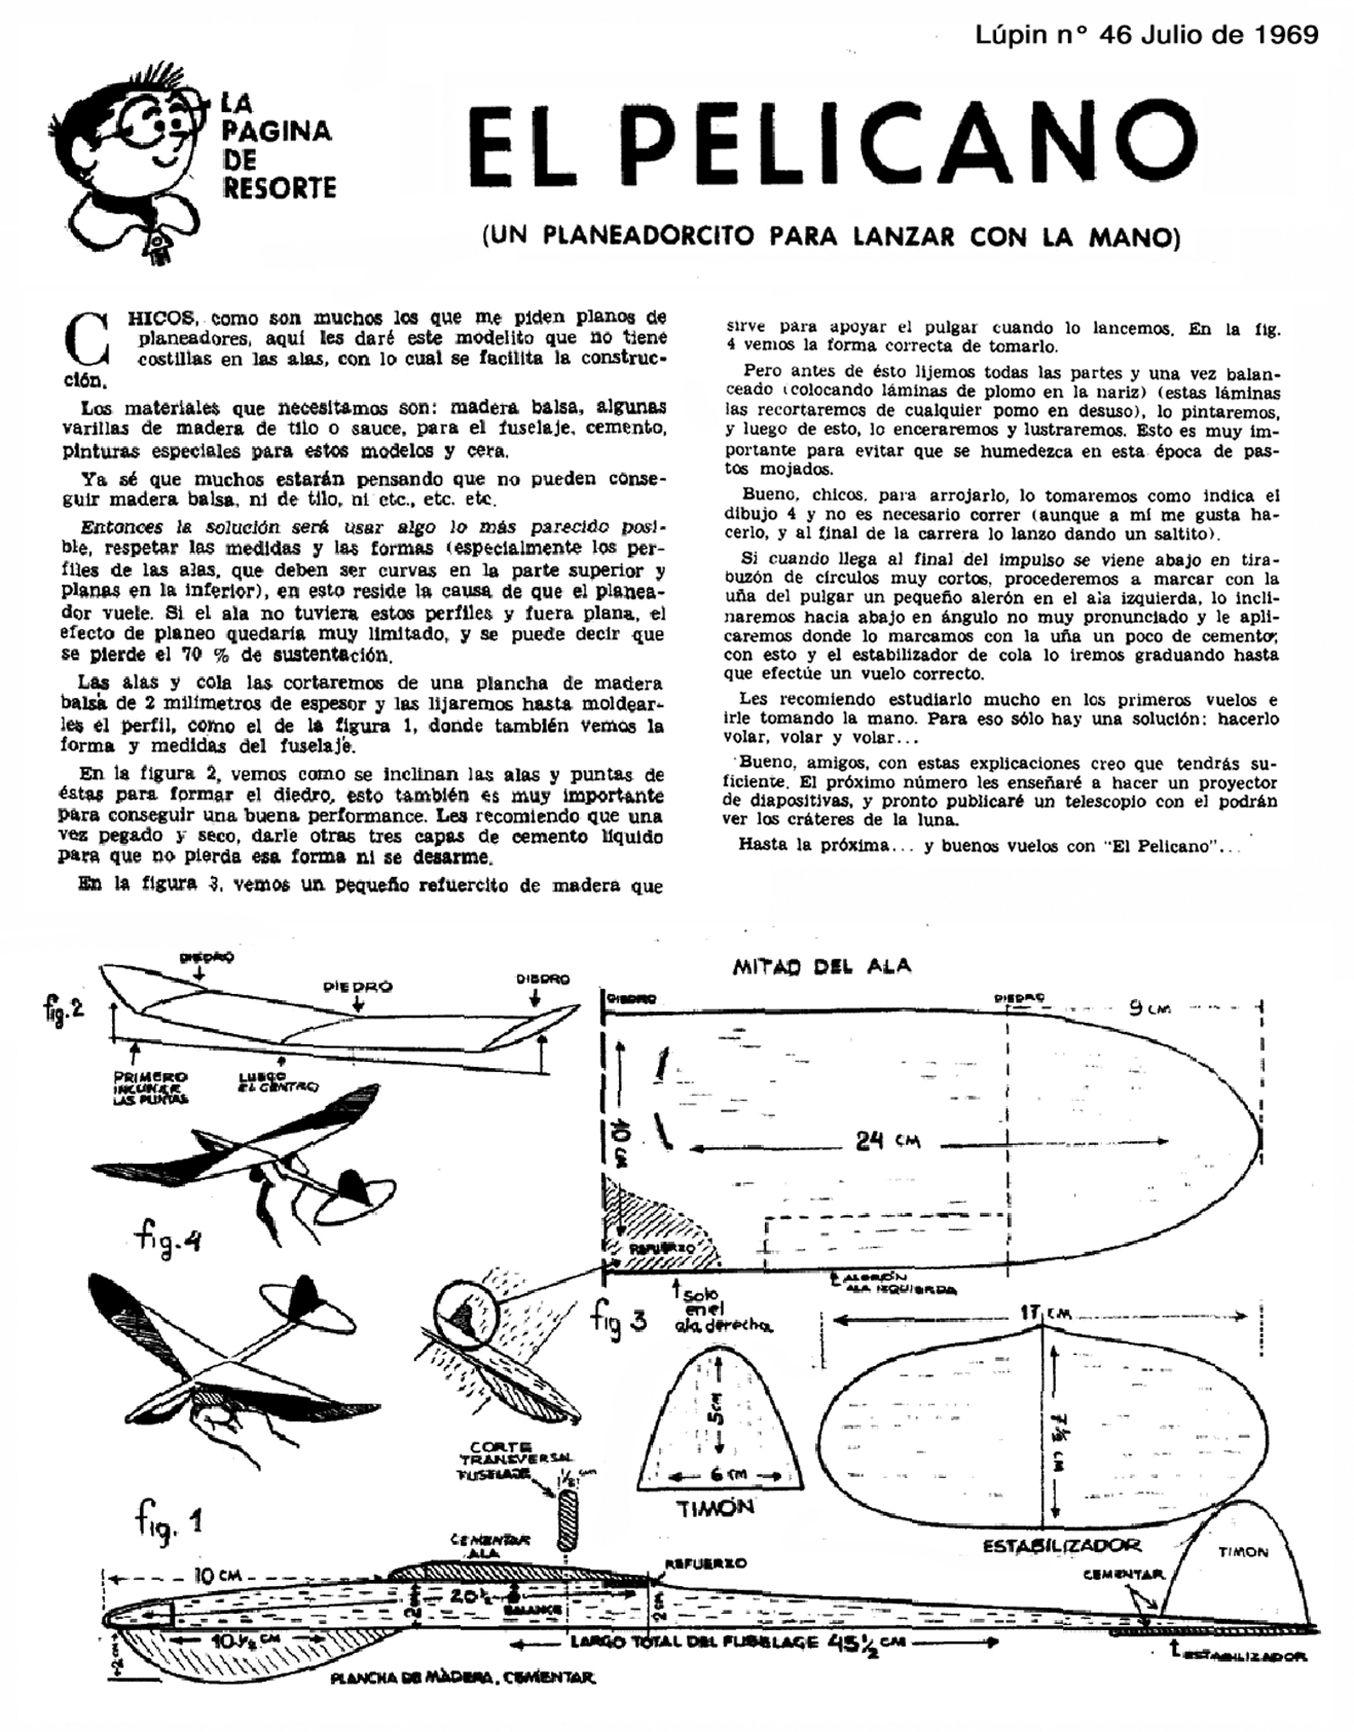 Planitos de Lúpin - Planeador el Pelícano